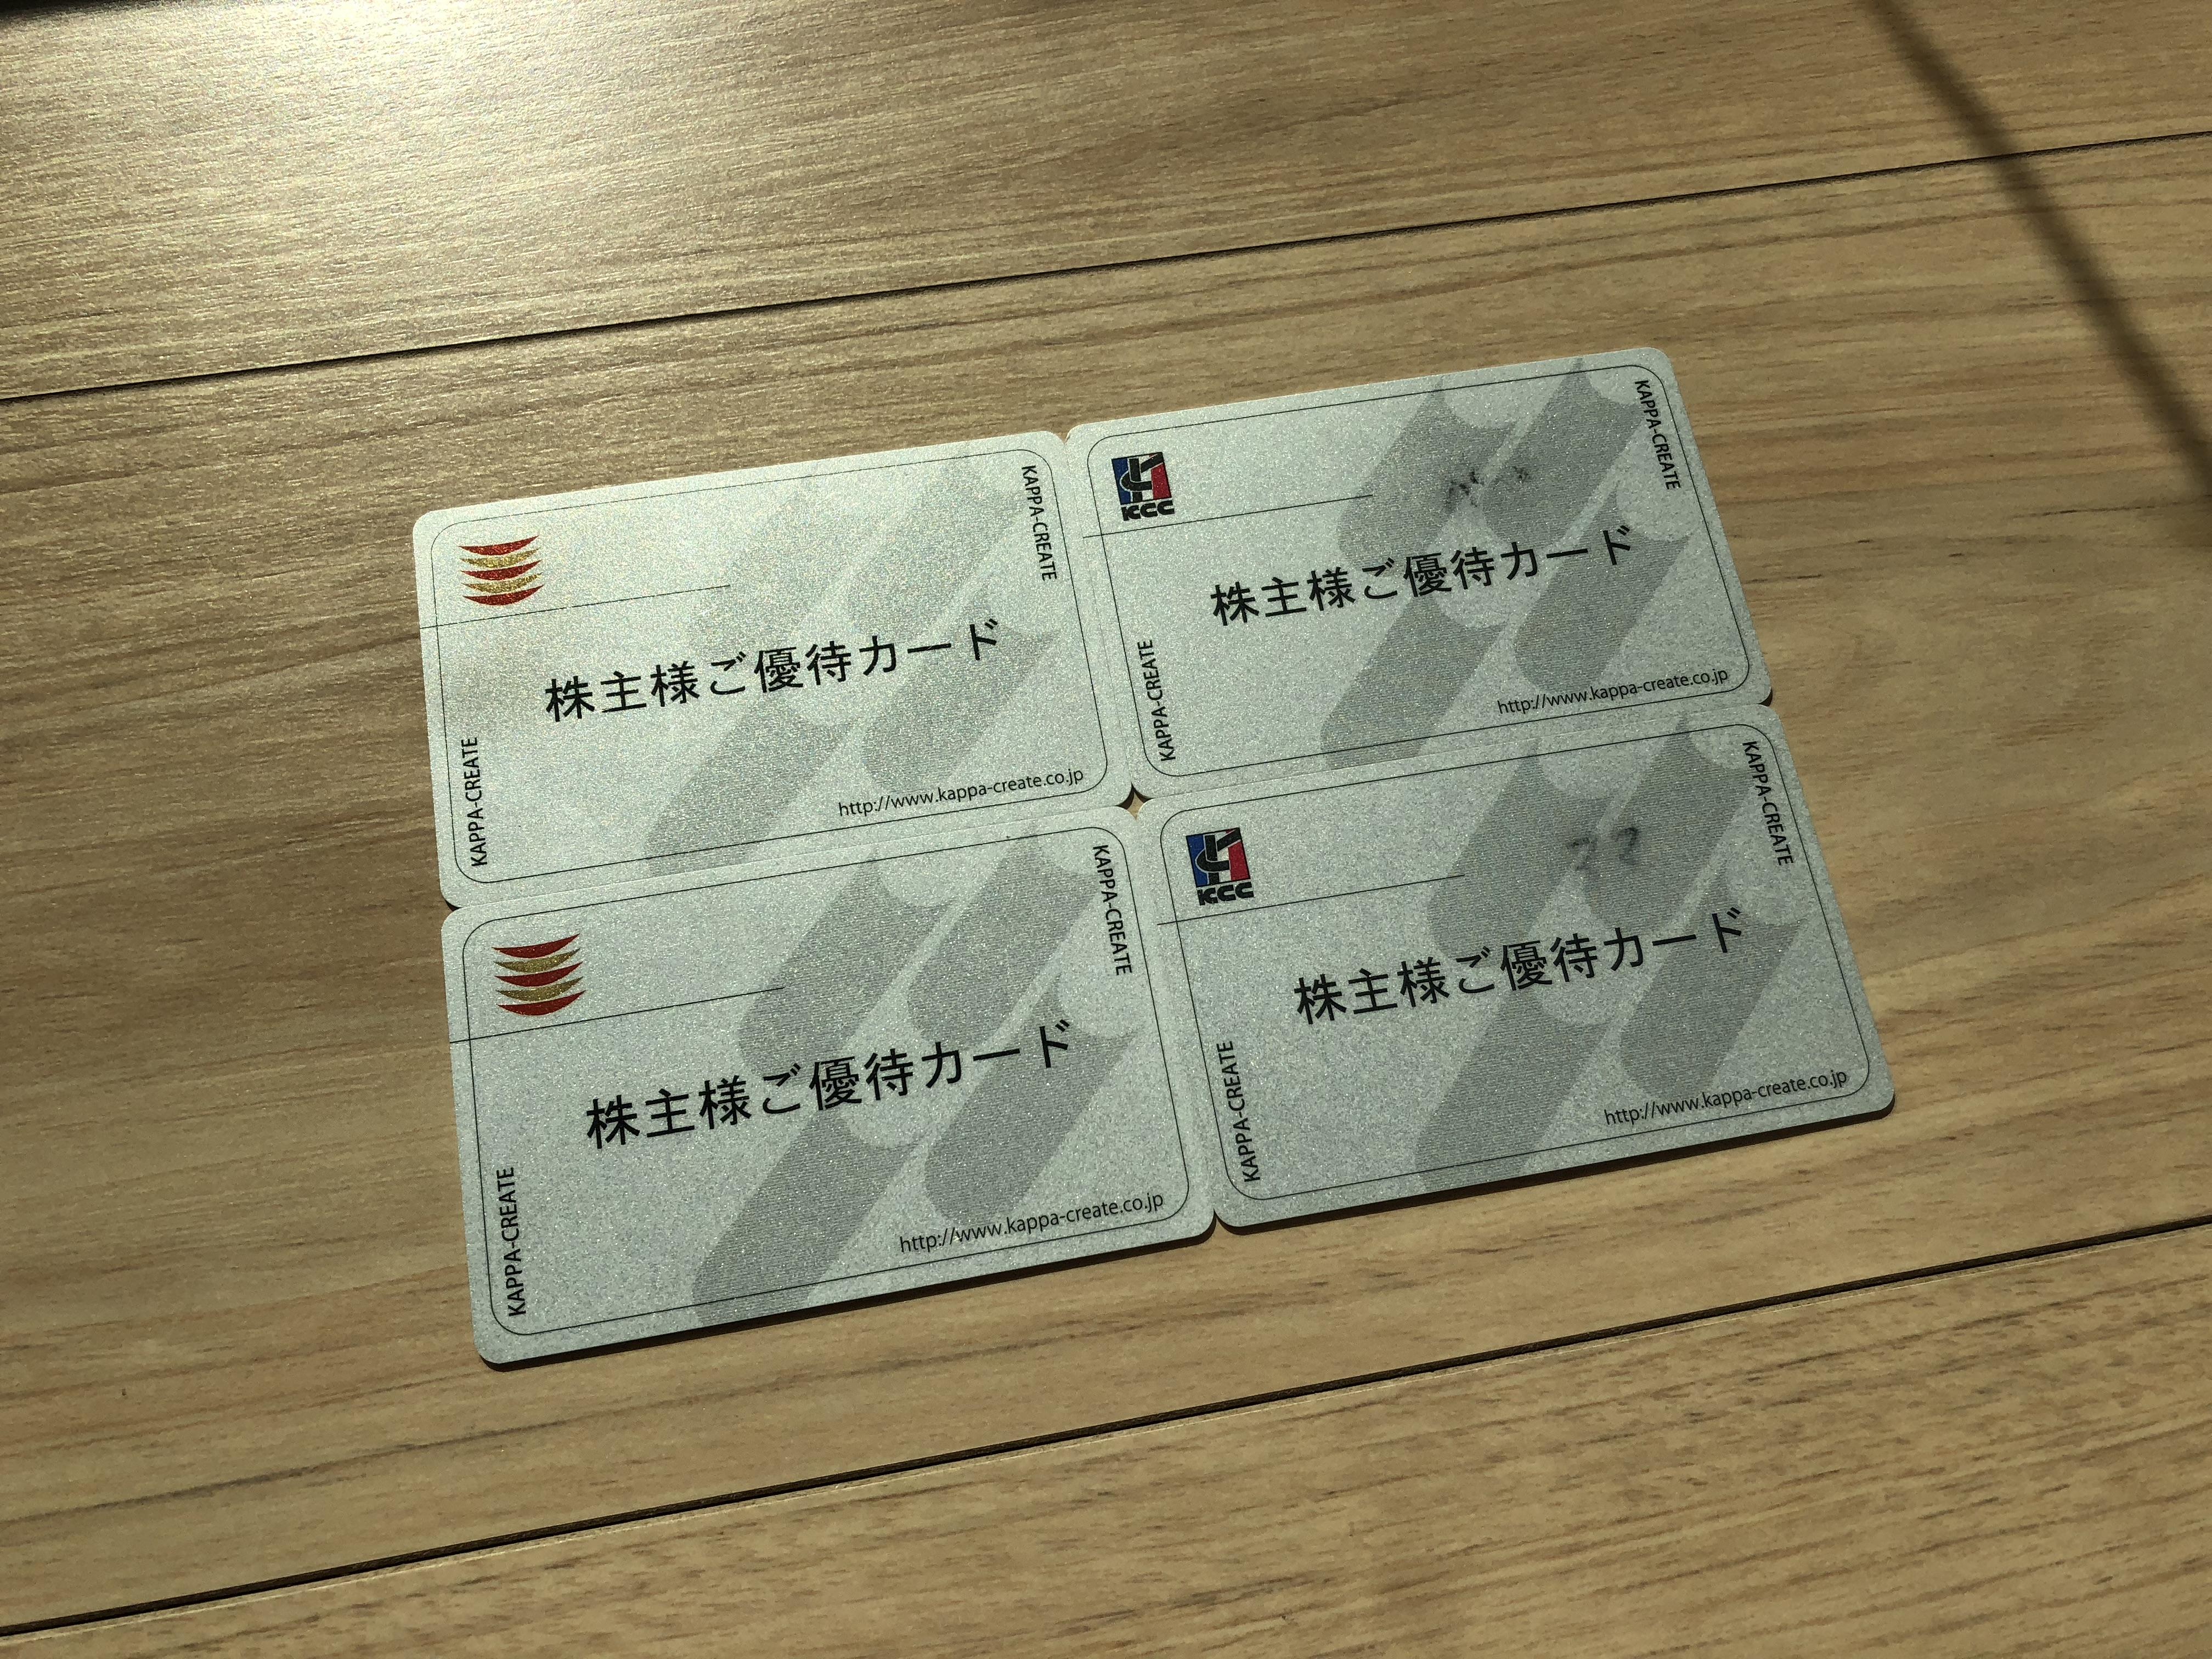 かっぱ寿司の株主優待カード